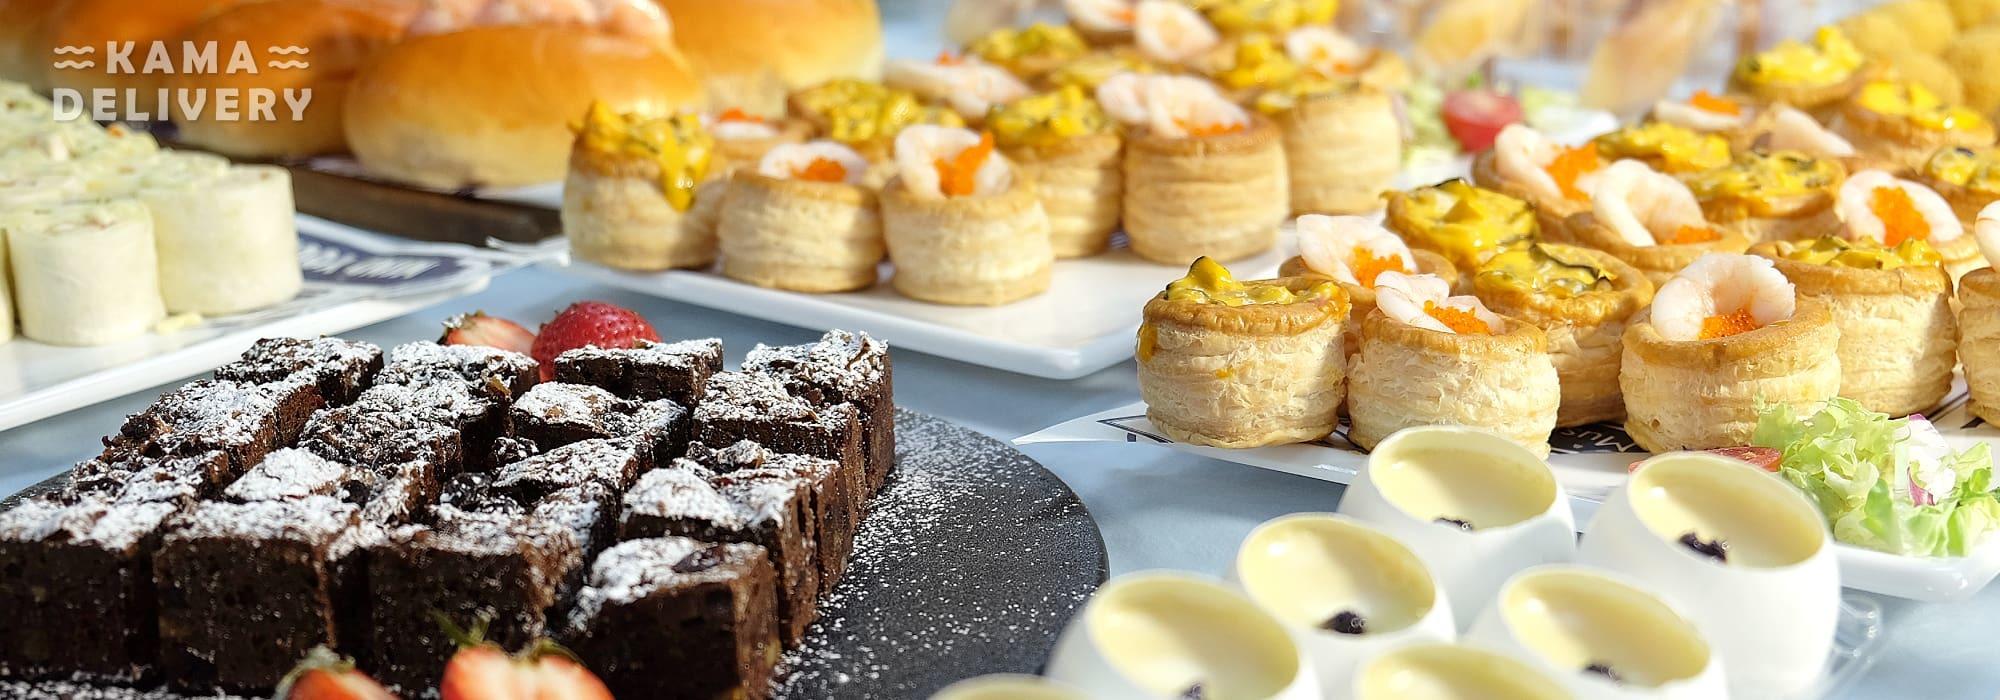 Kama Delivery全新推出的一口派對小食到會套餐,適合婚宴酒會、百日宴、店舖開張、企業簡介會、公司講座等場合享用